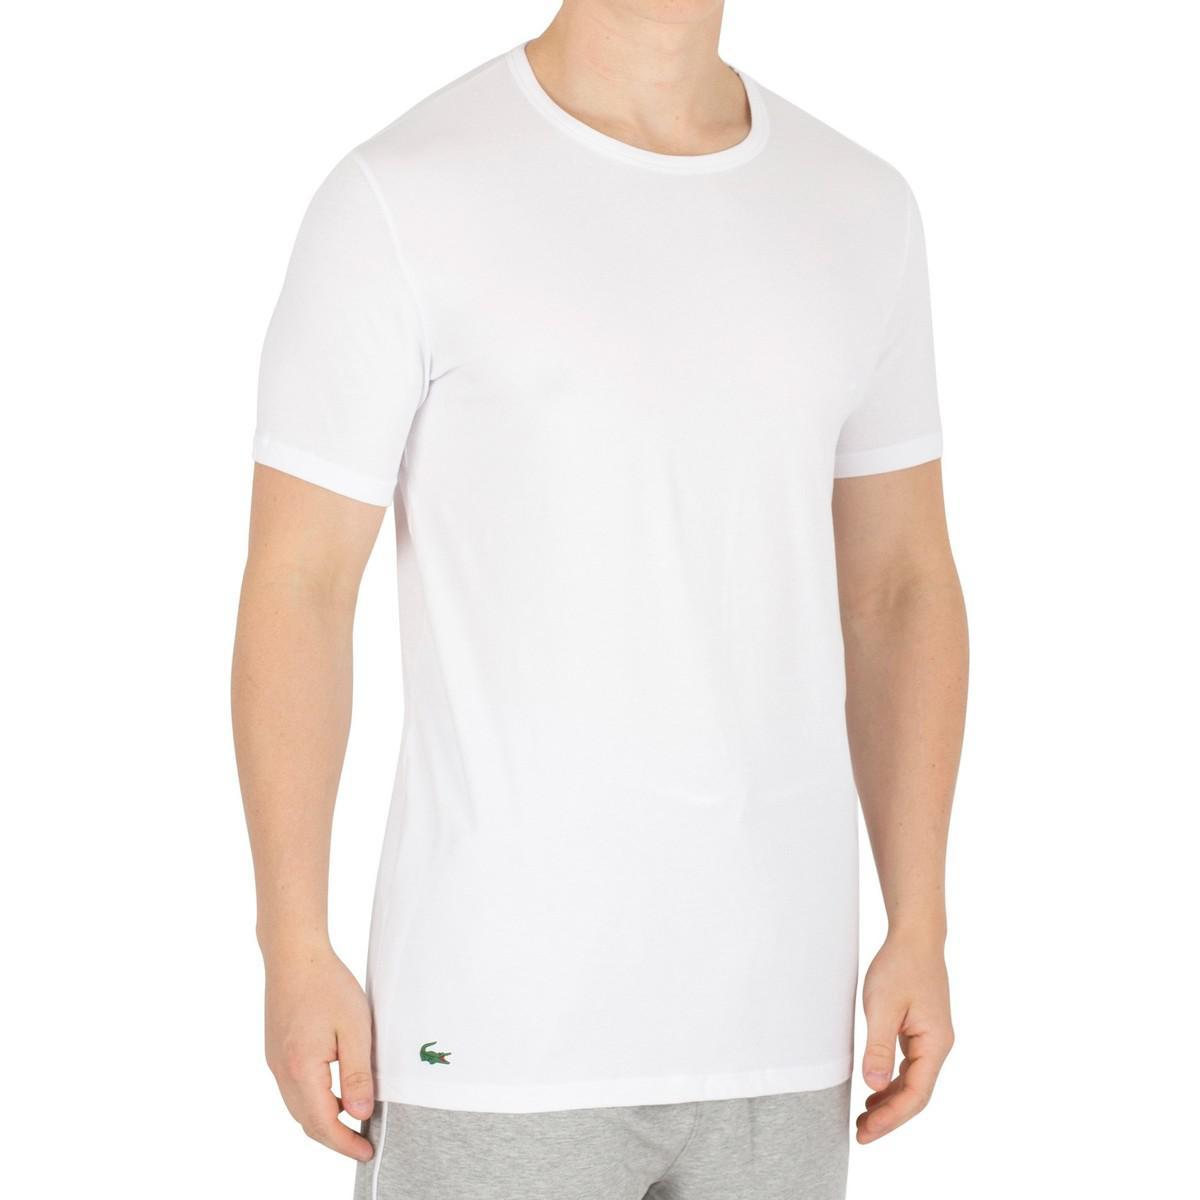 b572220080289 Homme Lot de 2 t-shirts, Blanc hommes T-shirt en blanc Lacoste pour ...